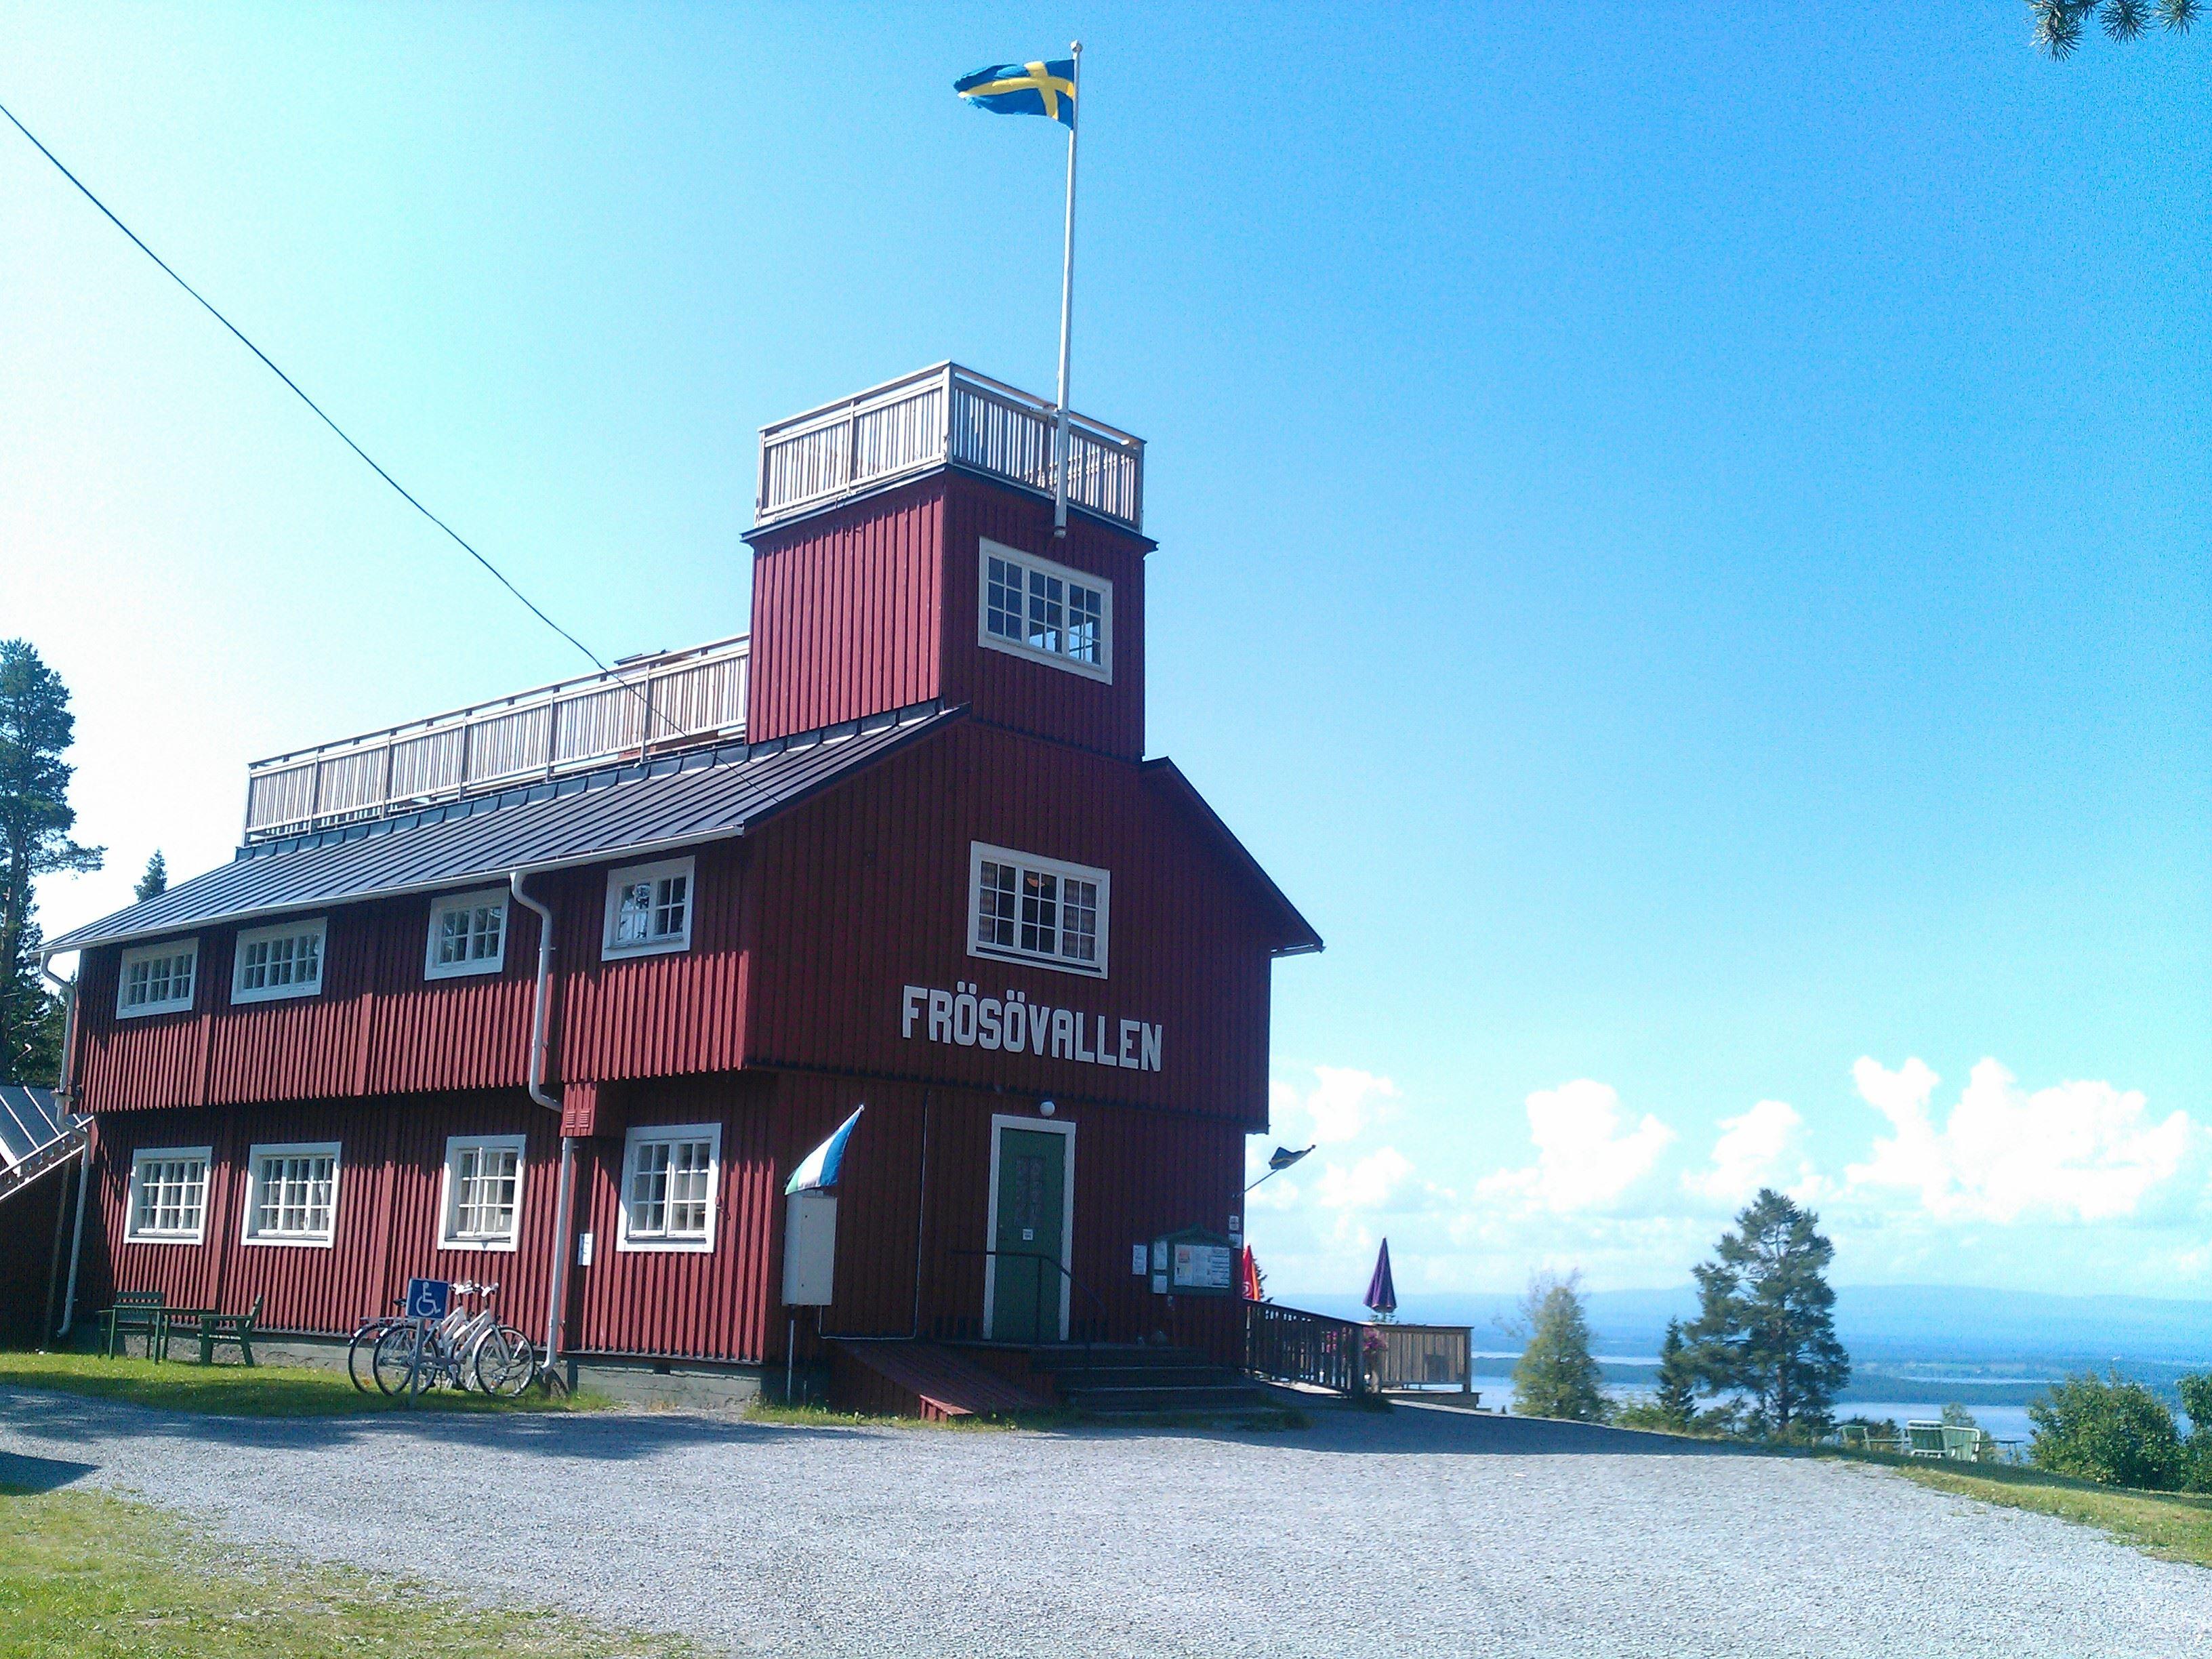 Midsummer celebrations at Frösövallen